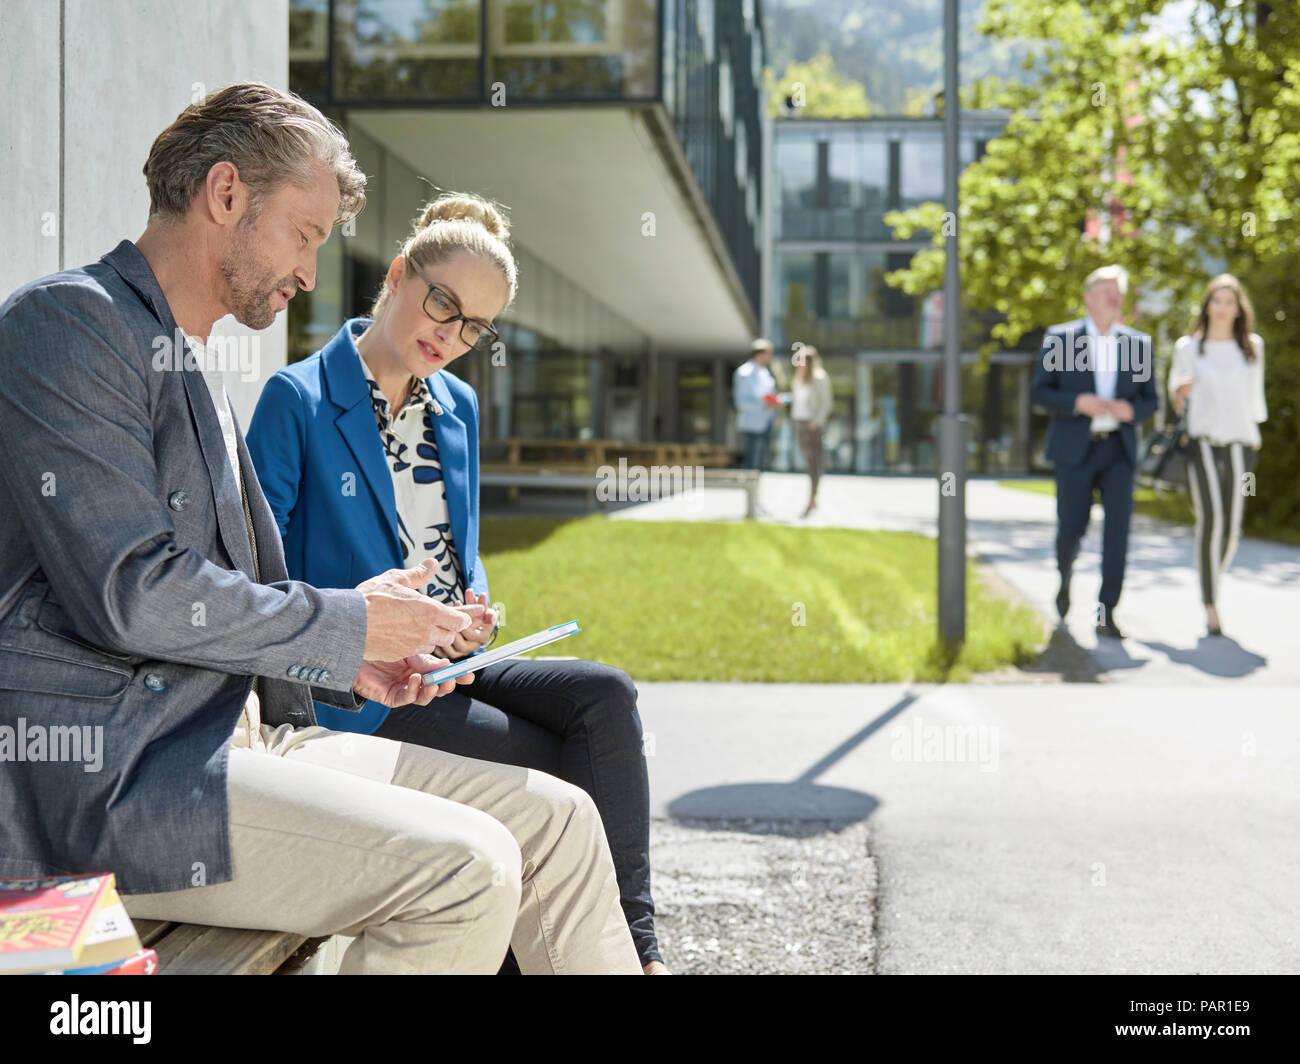 Kollegen mit Tablet sitzt auf der Bank außerhalb der Gebäude Stockfoto